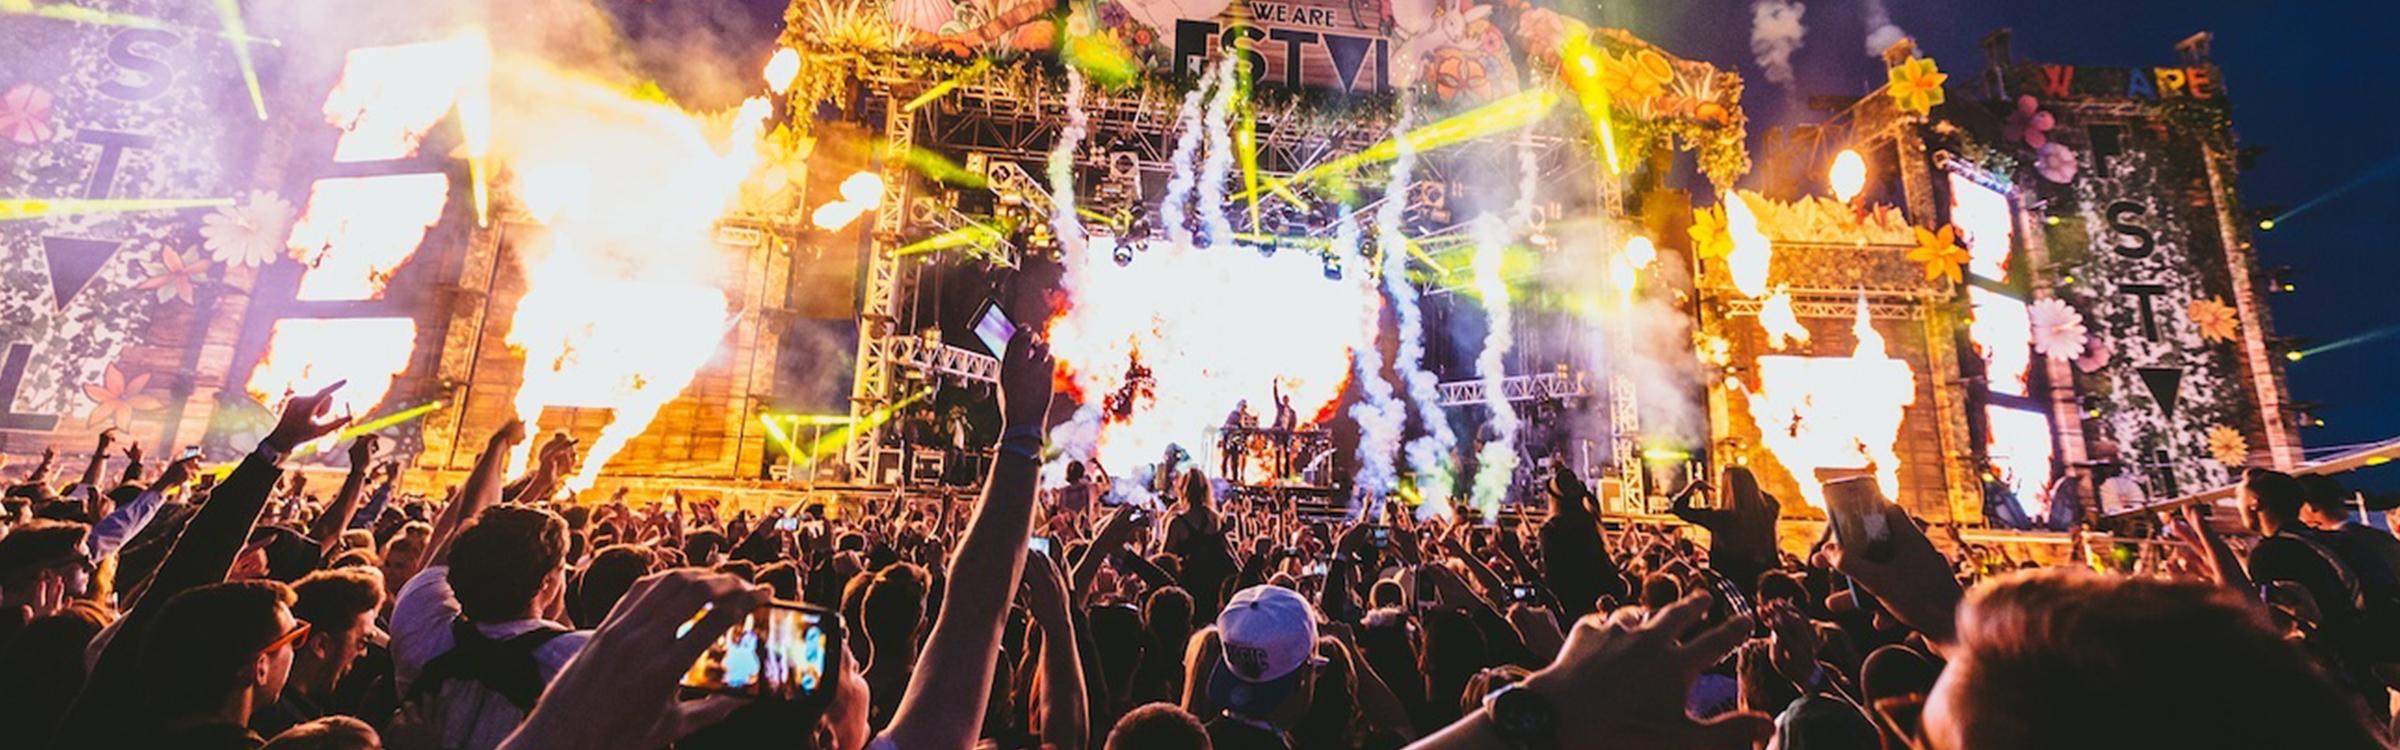 Header festival